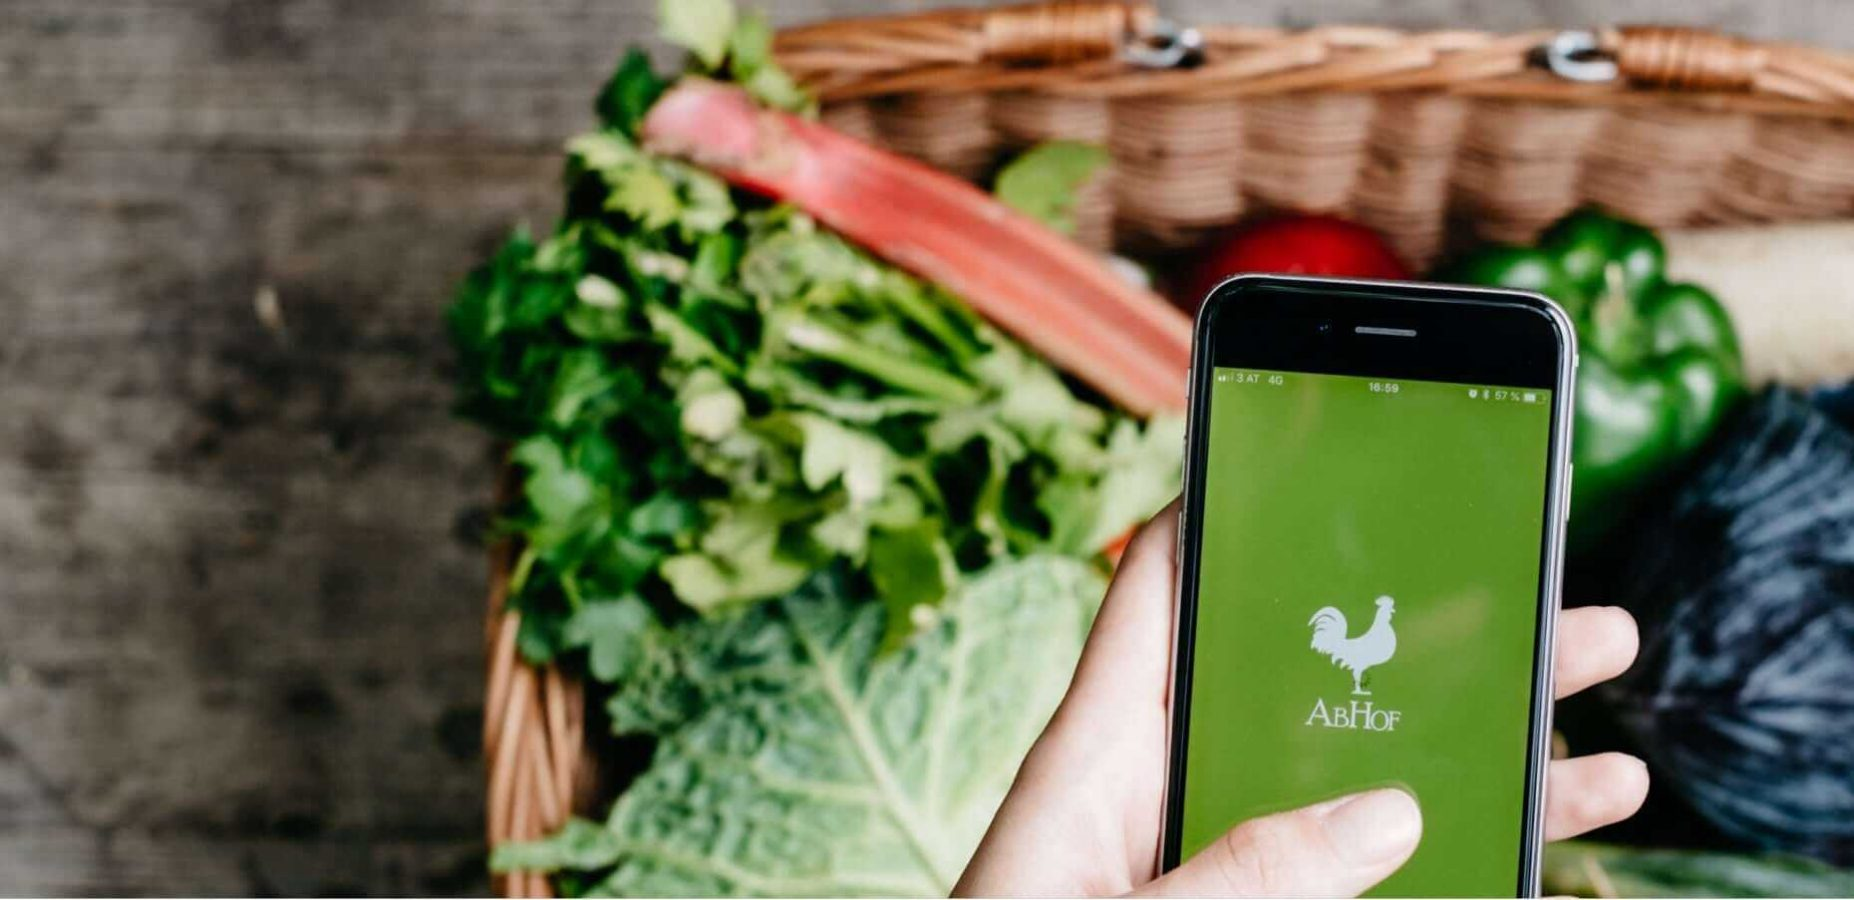 Die Abhof App im Fokus mit Gemüse im Hintergrund